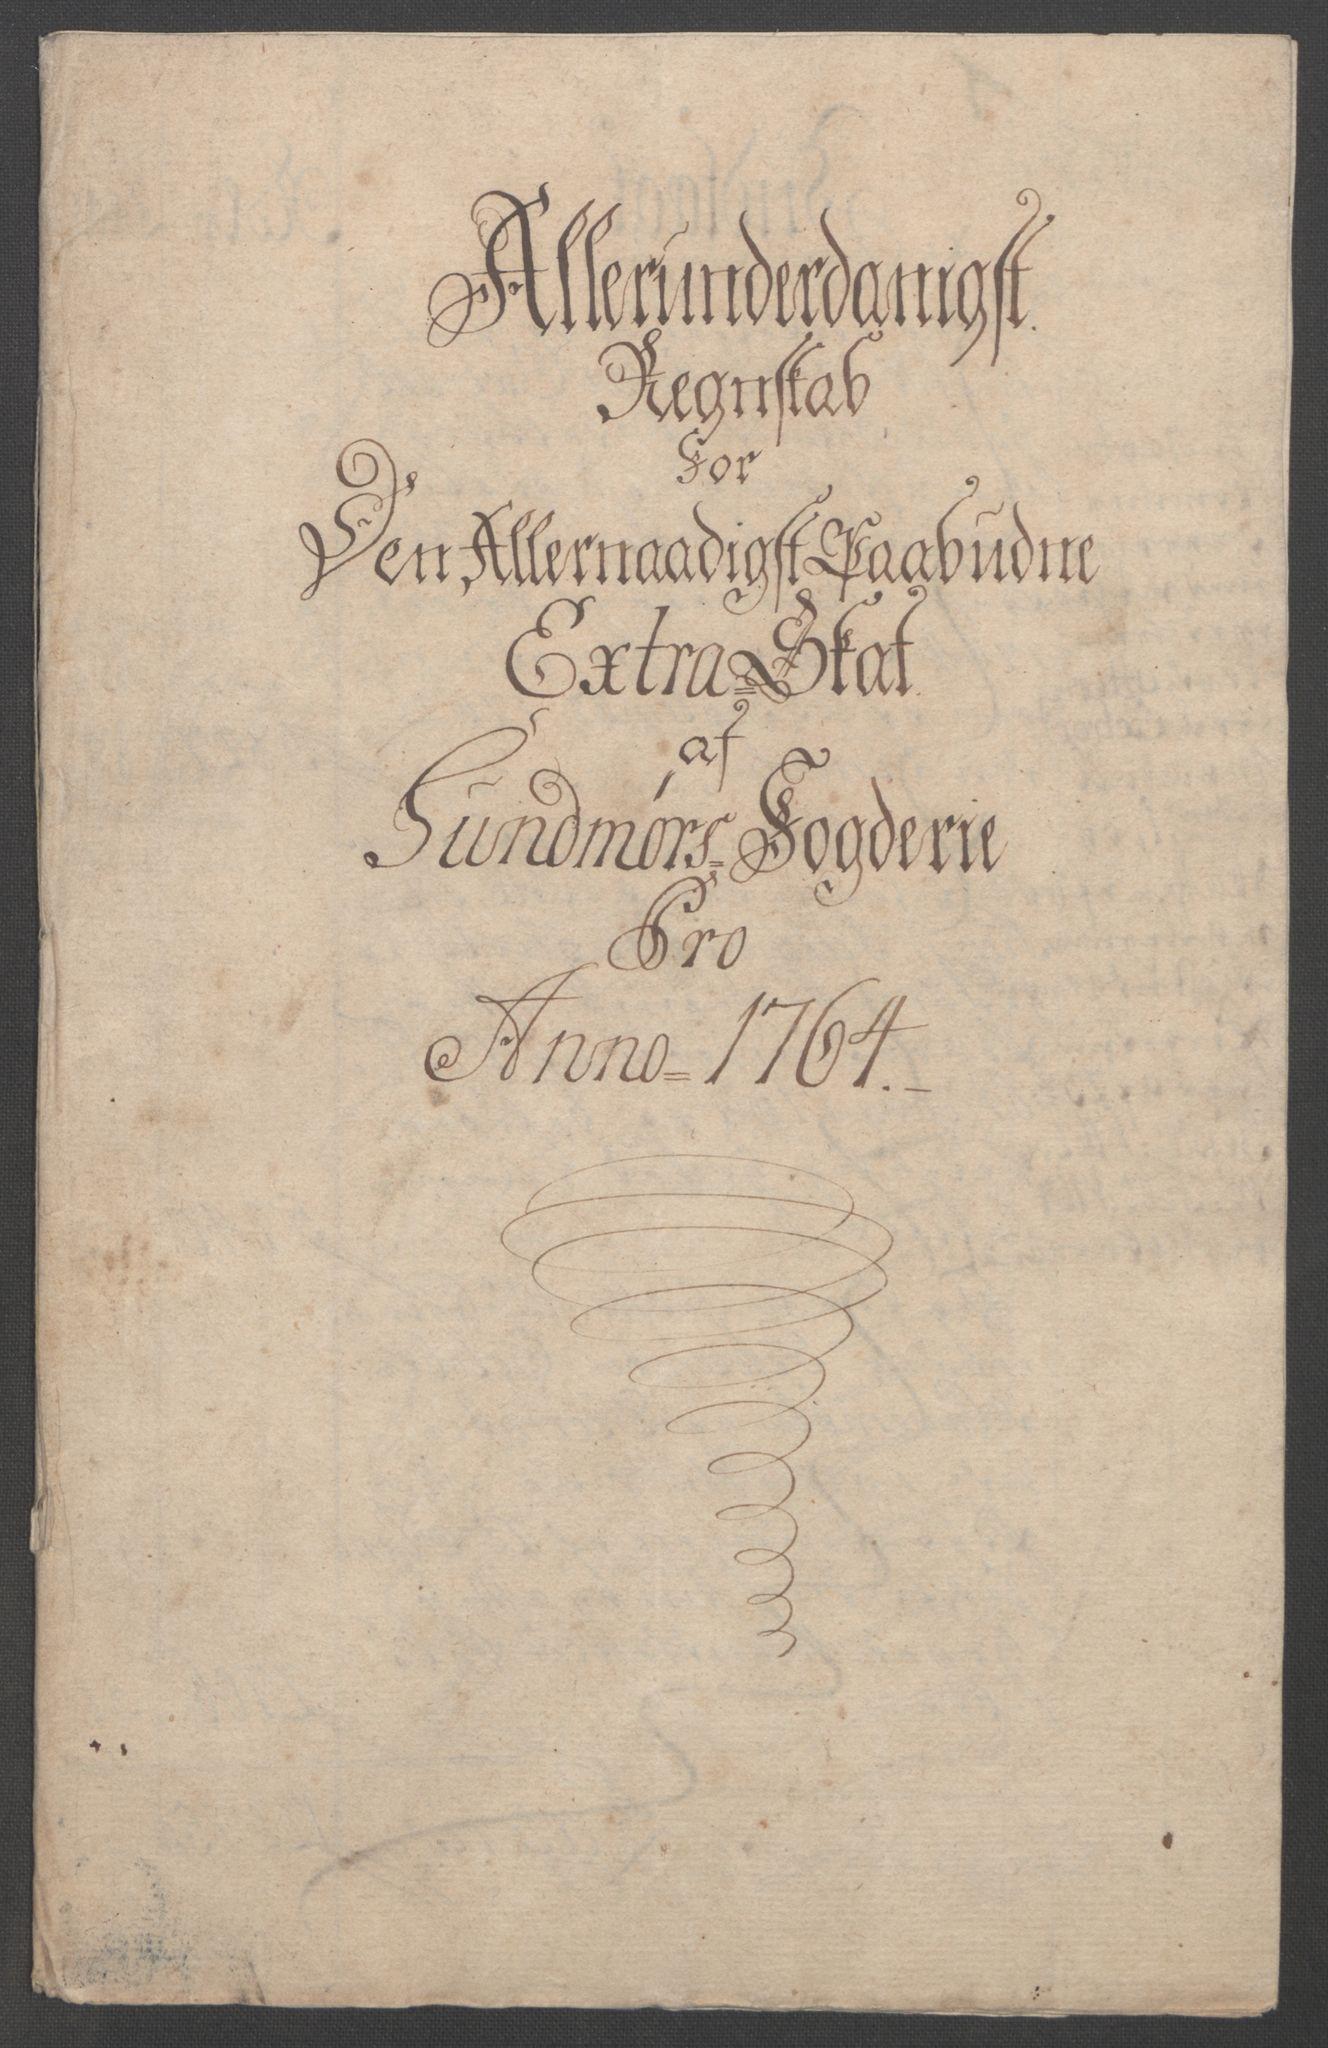 RA, Rentekammeret inntil 1814, Reviderte regnskaper, Fogderegnskap, R54/L3645: Ekstraskatten Sunnmøre, 1762-1772, s. 33